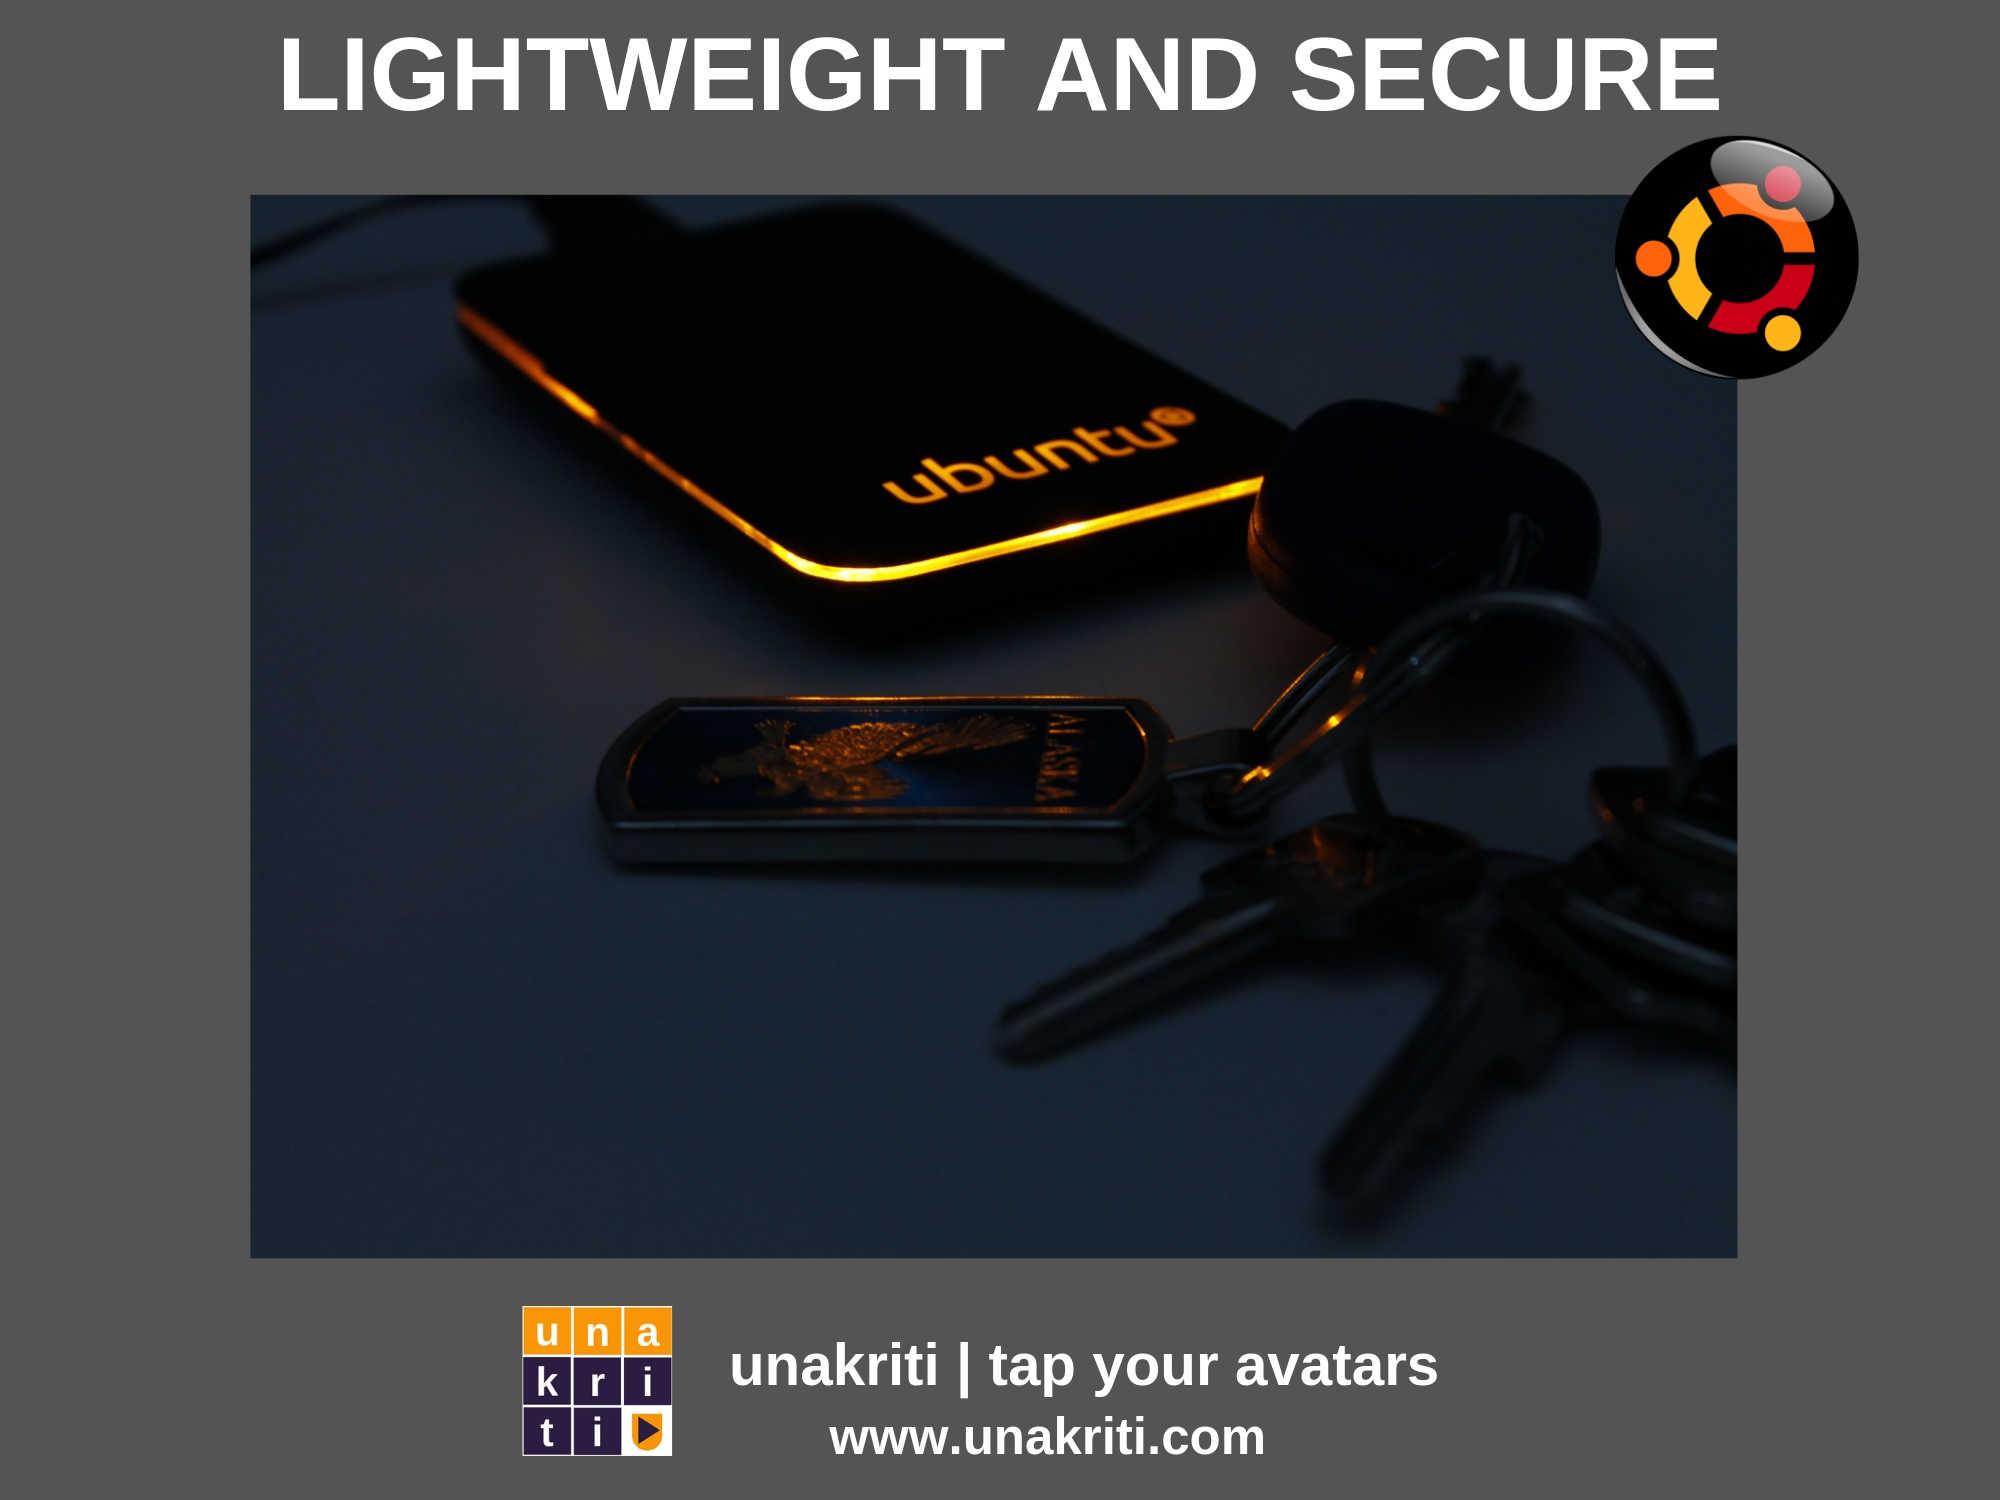 How secure is Ubuntu?